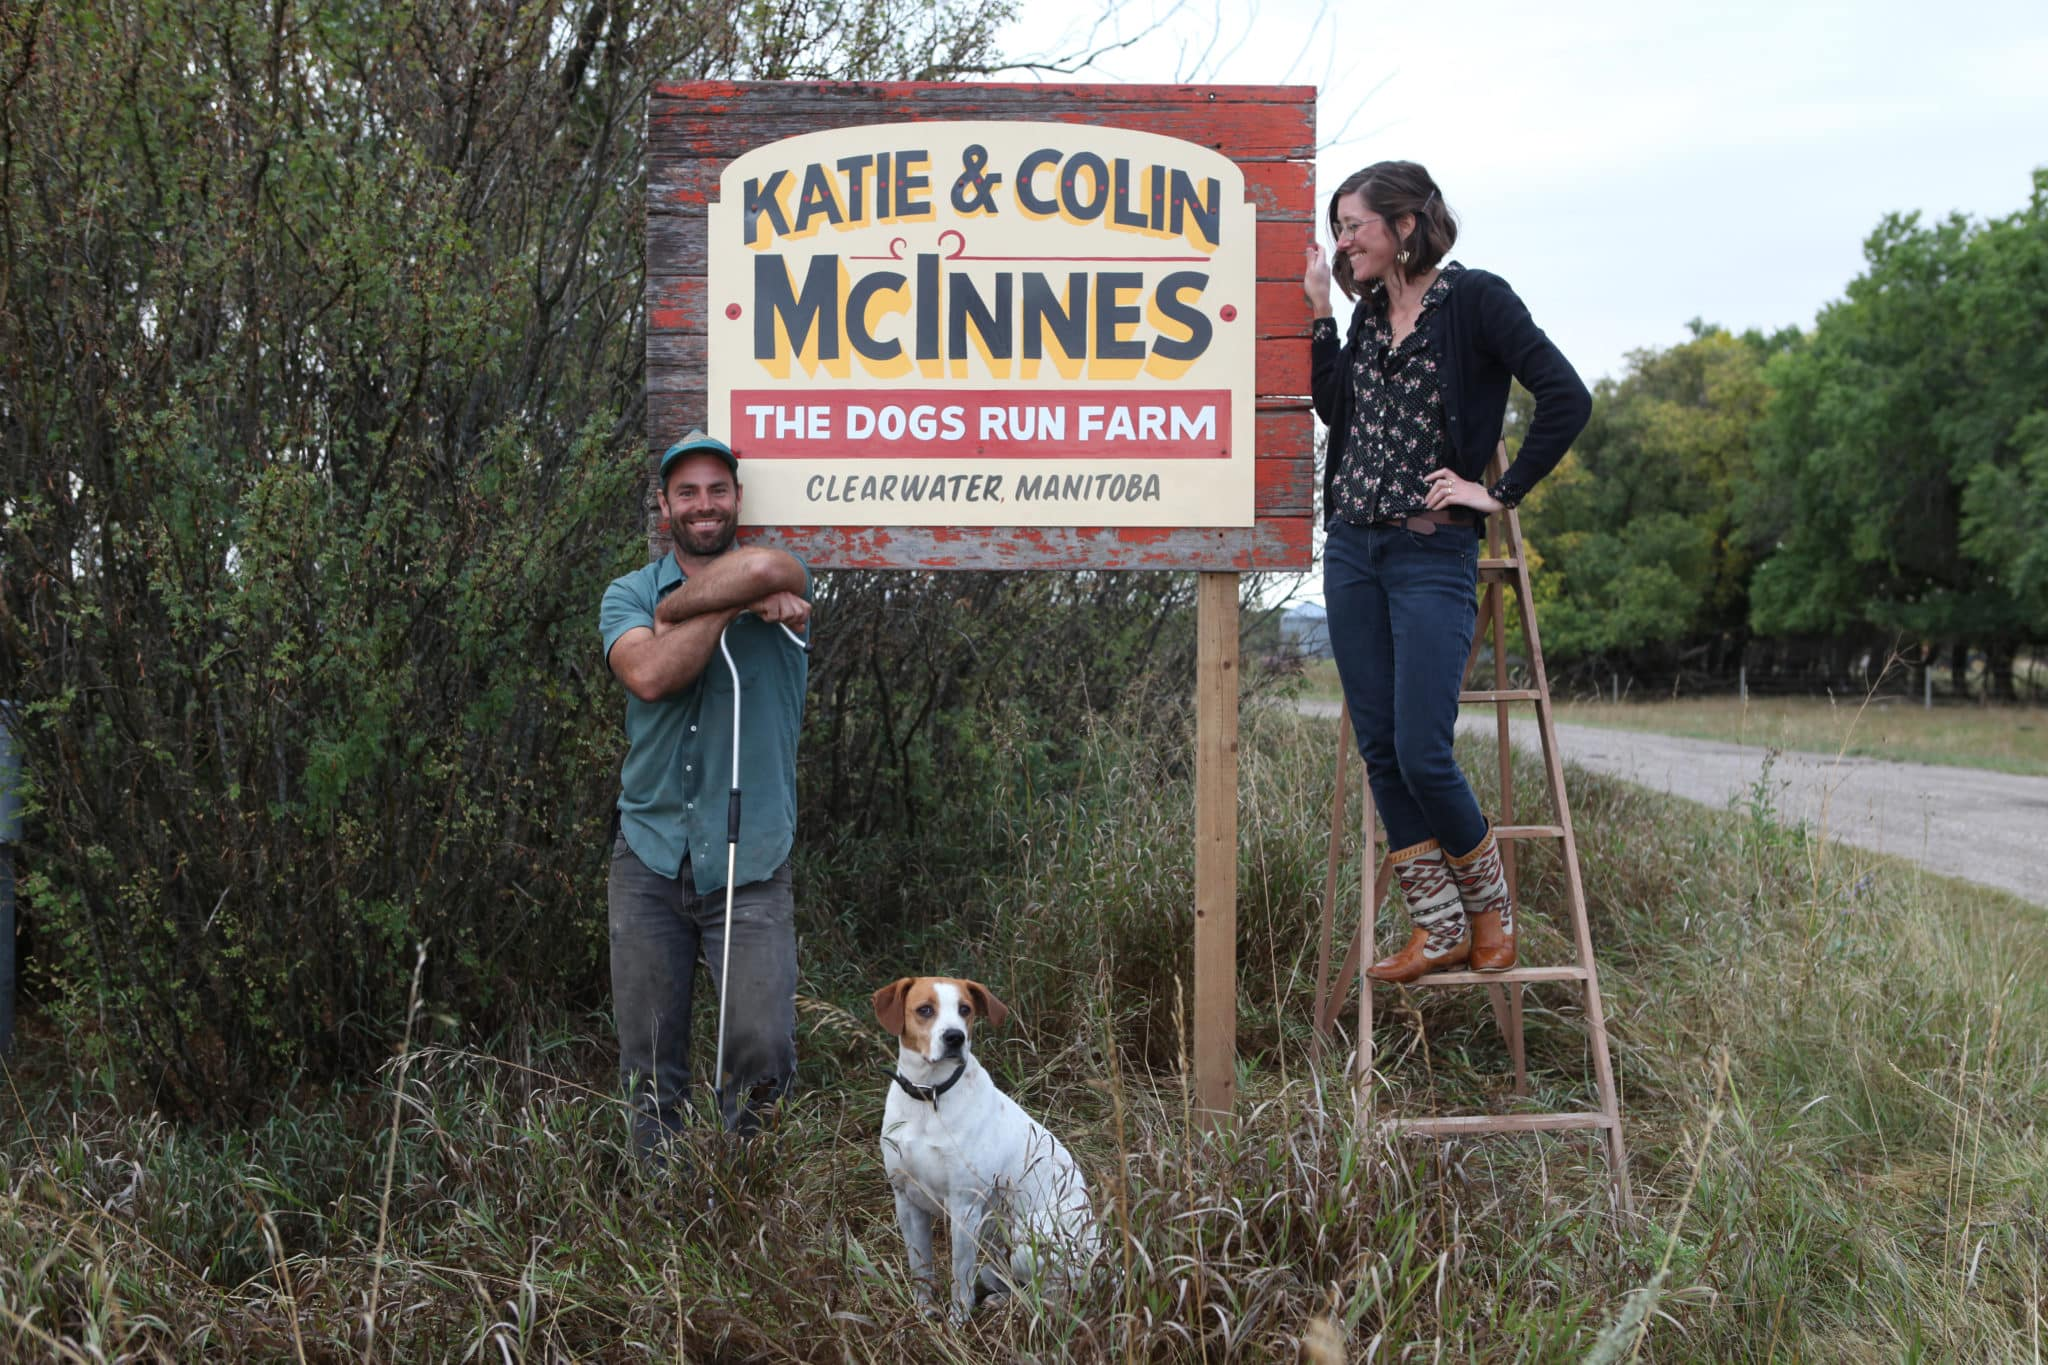 The Dogs Run Farm